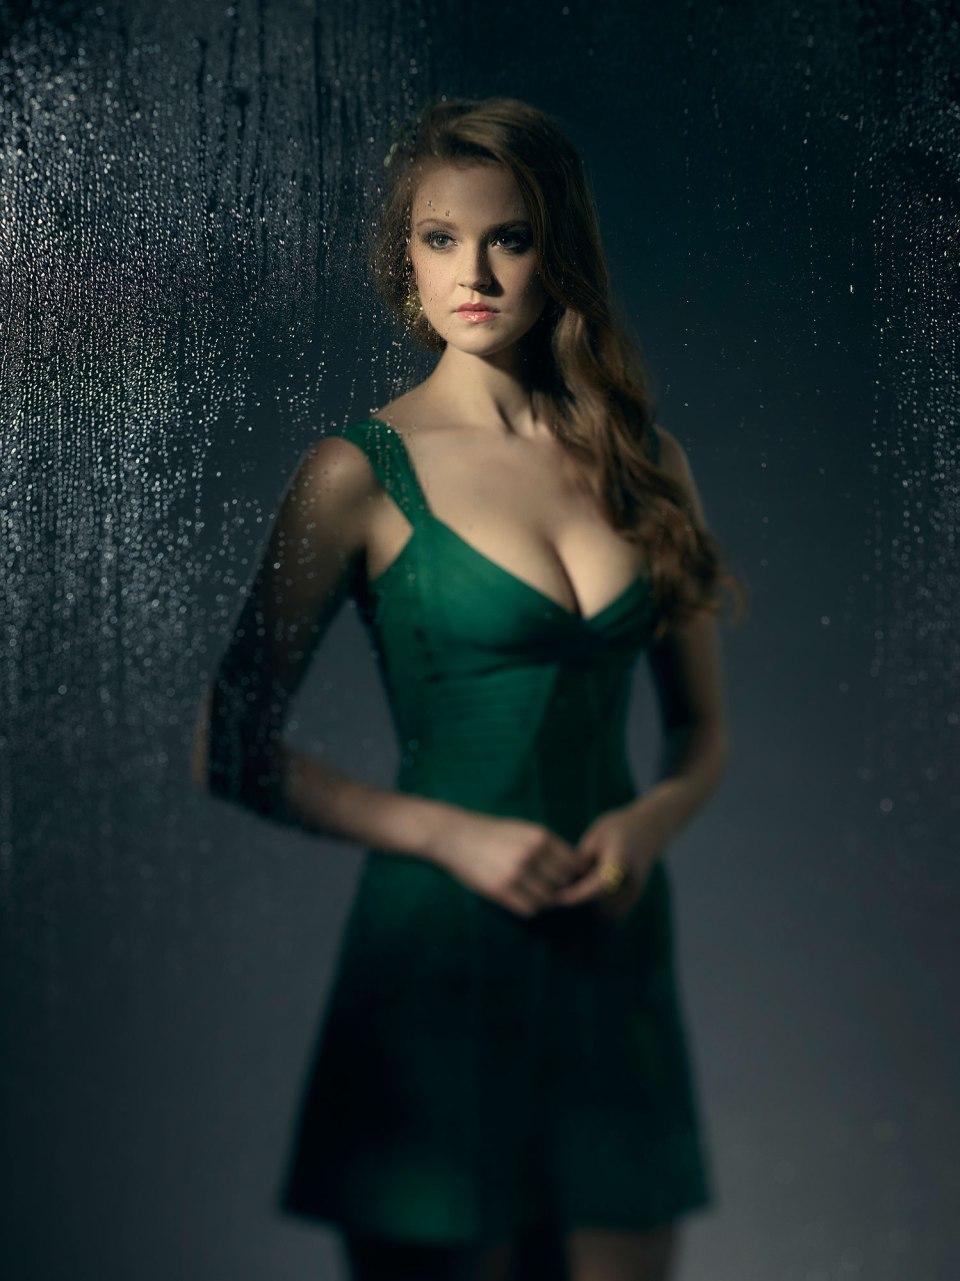 Gotham's New Poison Ivy